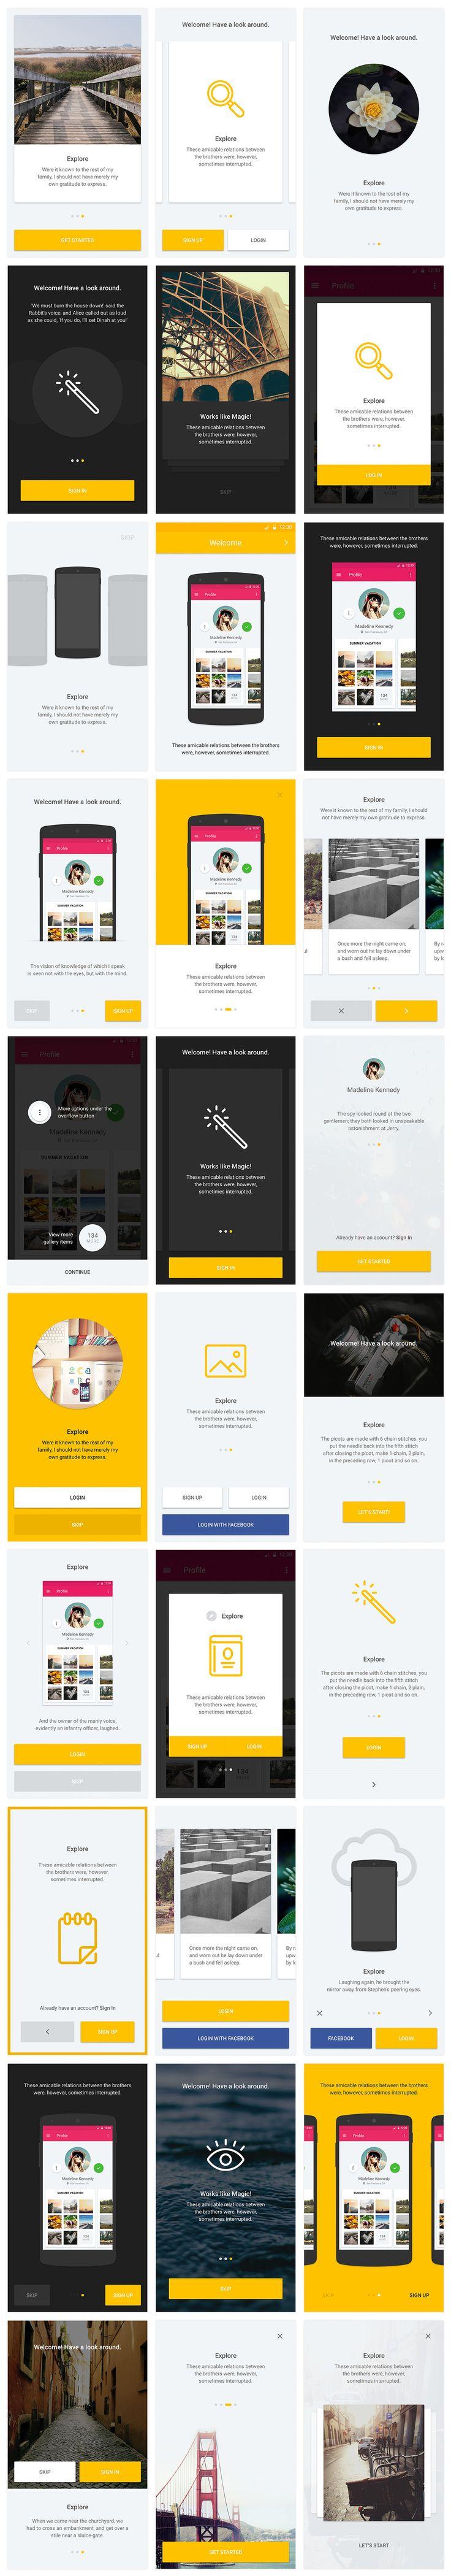 https://www.behance.net/gallery/26410099/Material-Design-UI-Kit?utm_medium=email